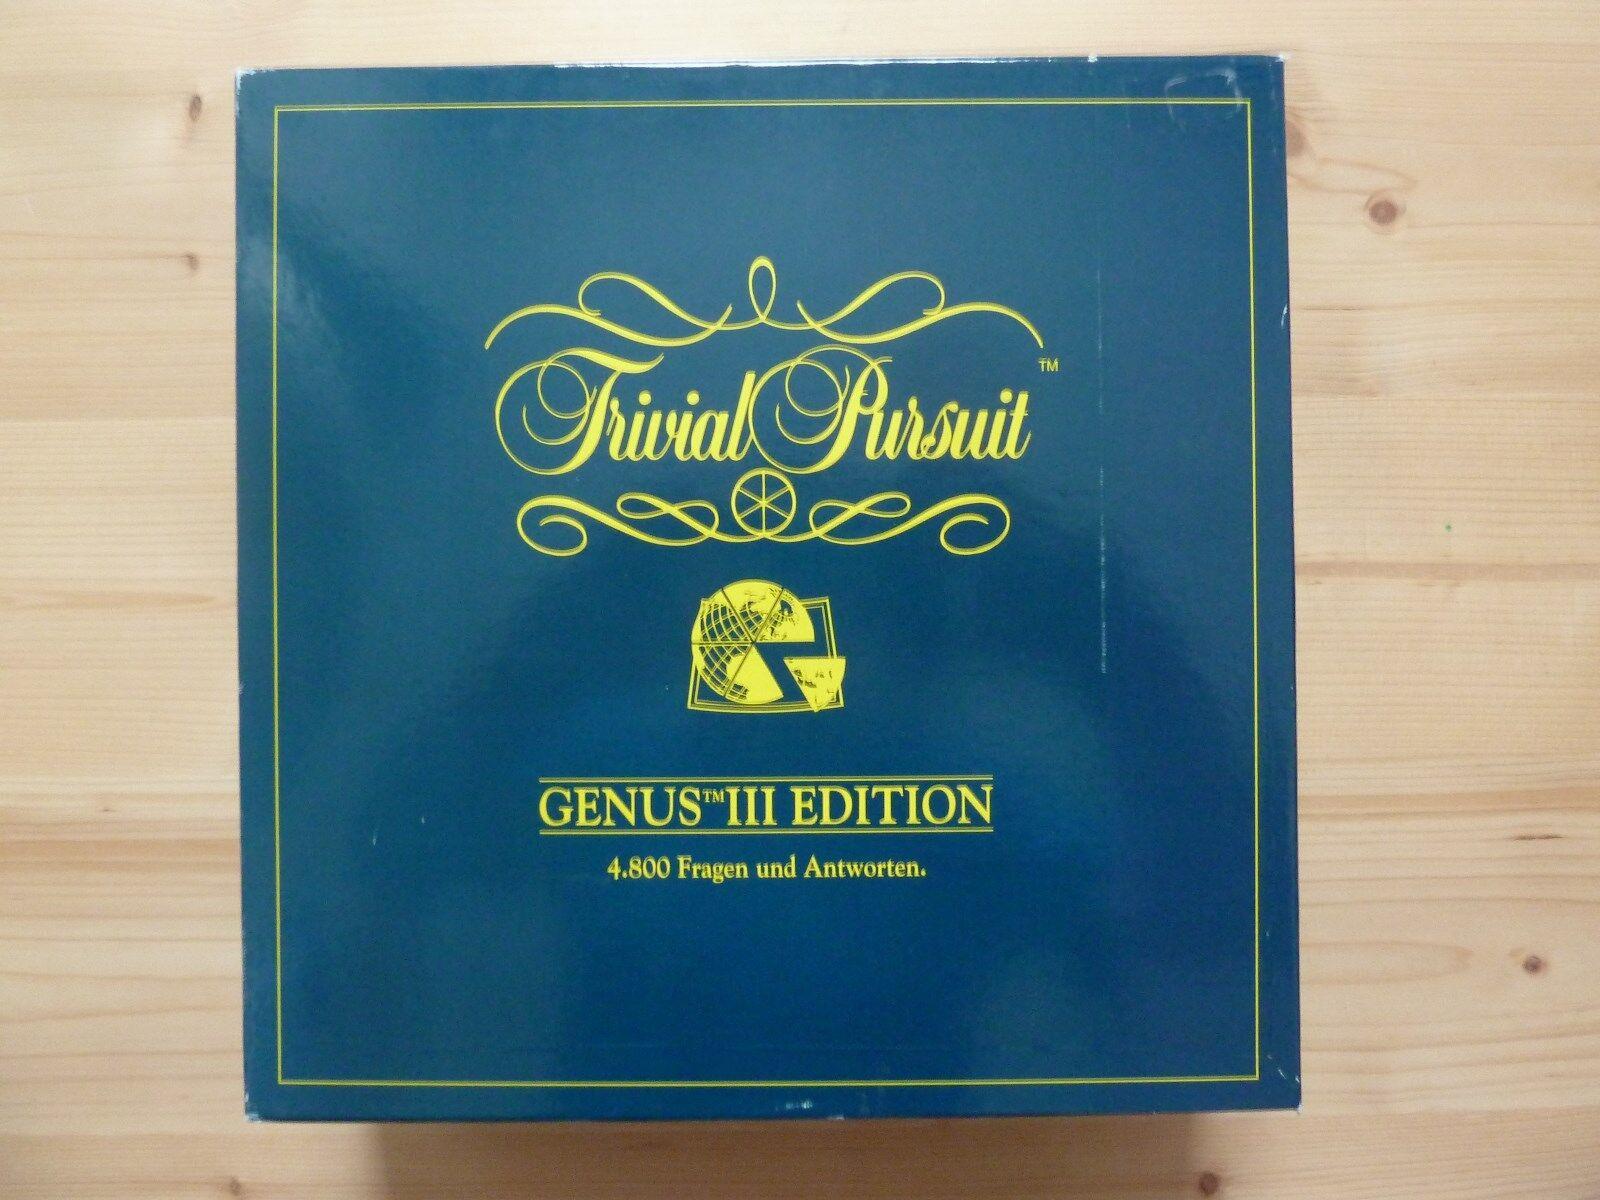 Trivial Pursuit  GENUS III EDITION (1994   TOP-Z.) - 4.800 Fragen und Antworten  | Lass unsere Waren in die Welt gehen